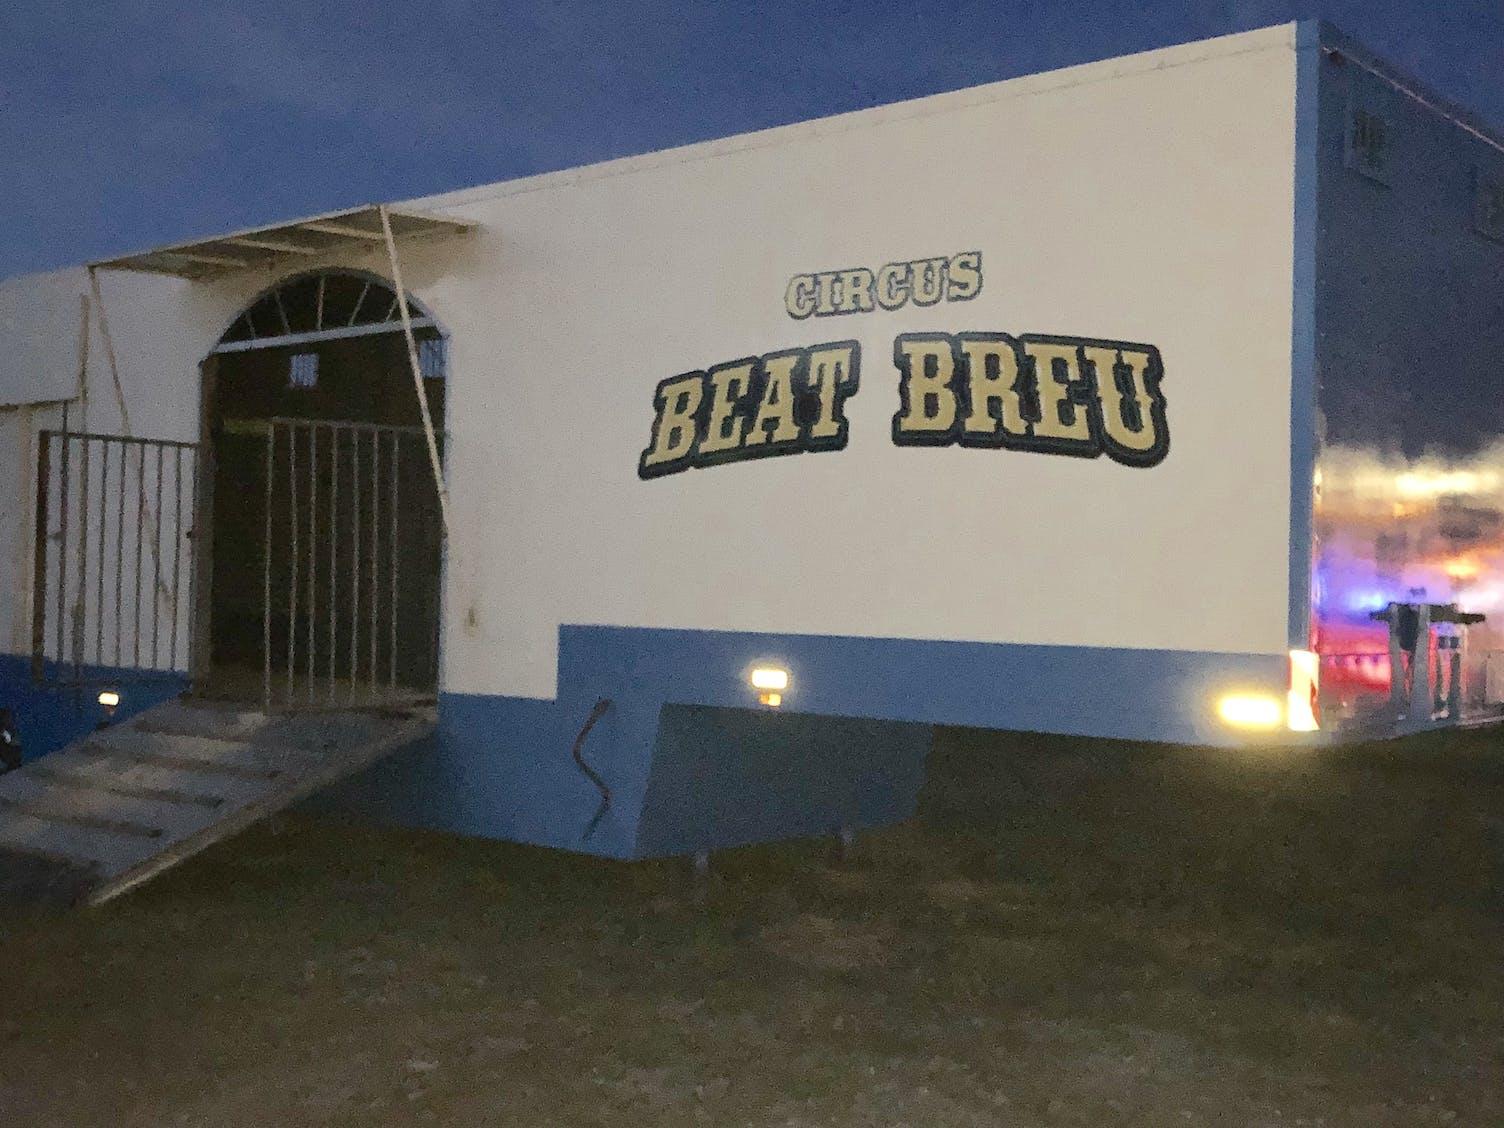 Circus Beat Breu